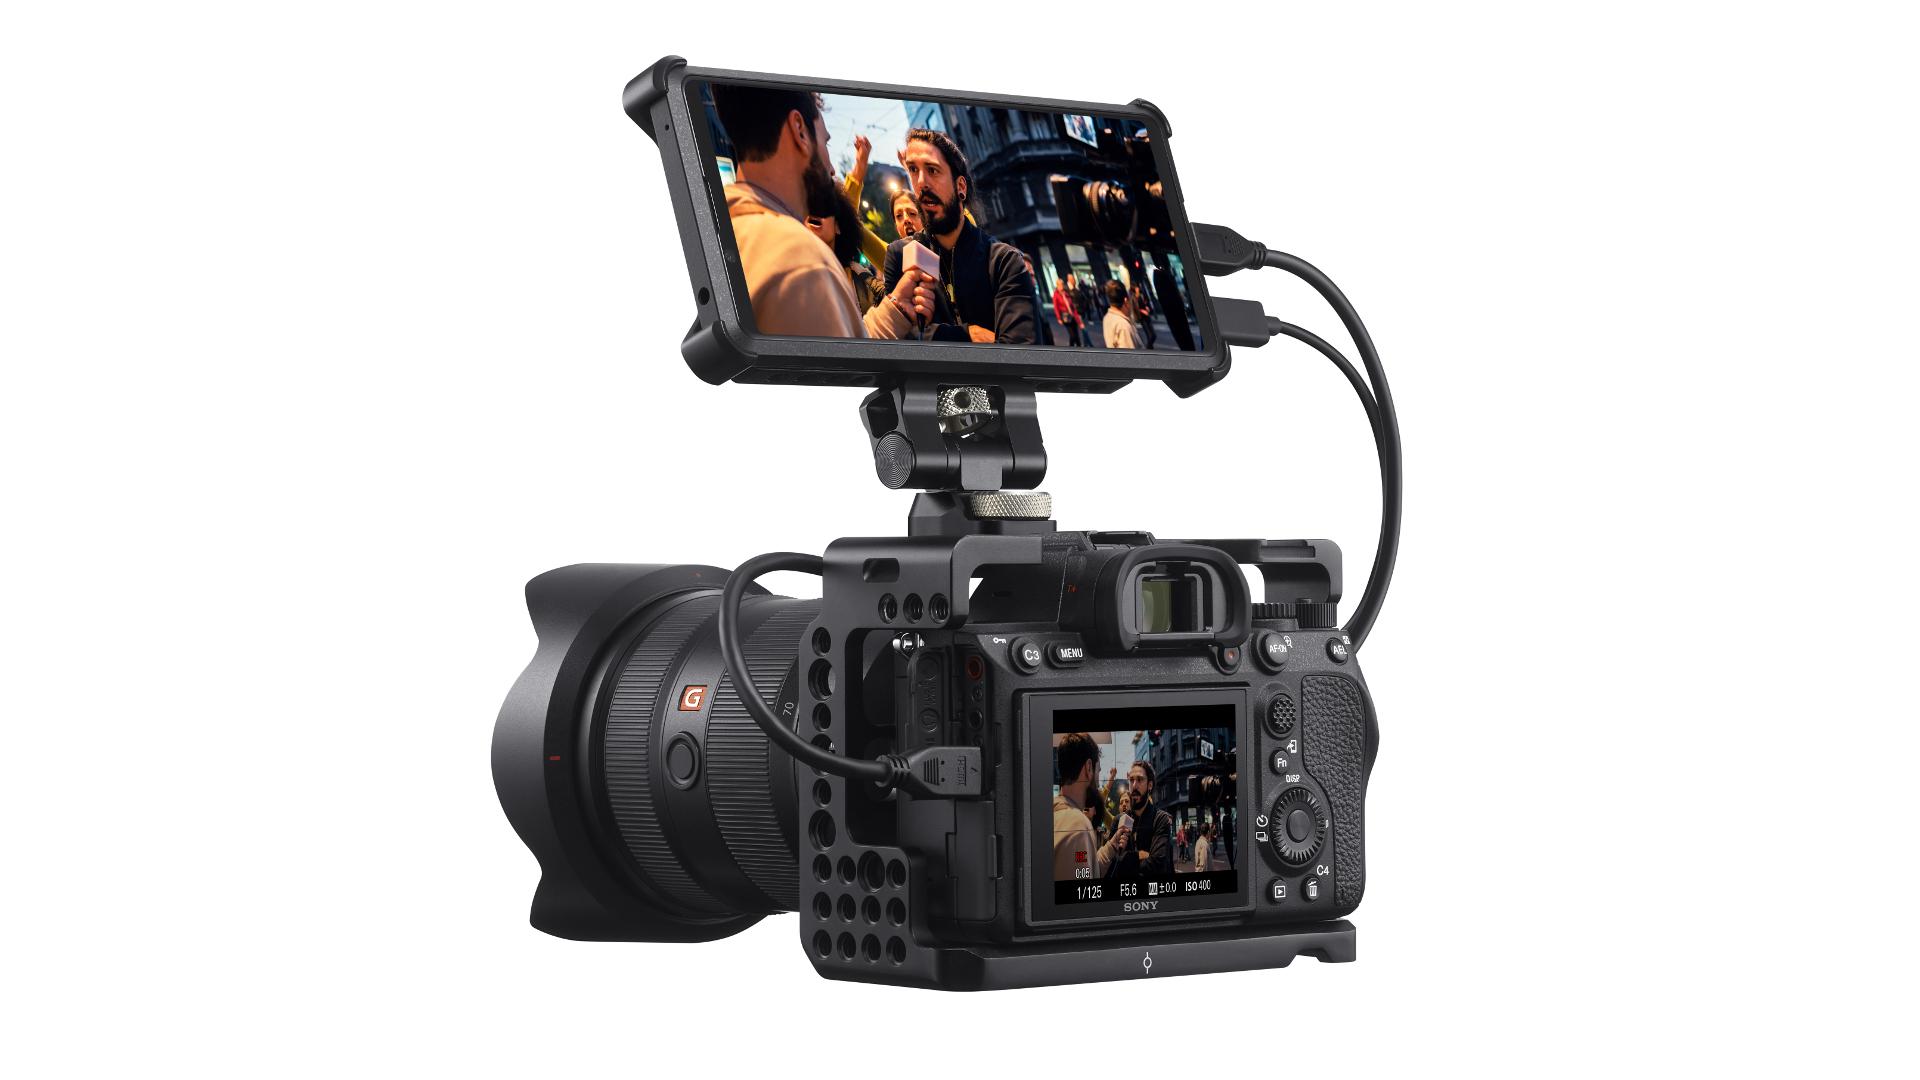 Sony Xperia Pro and camera